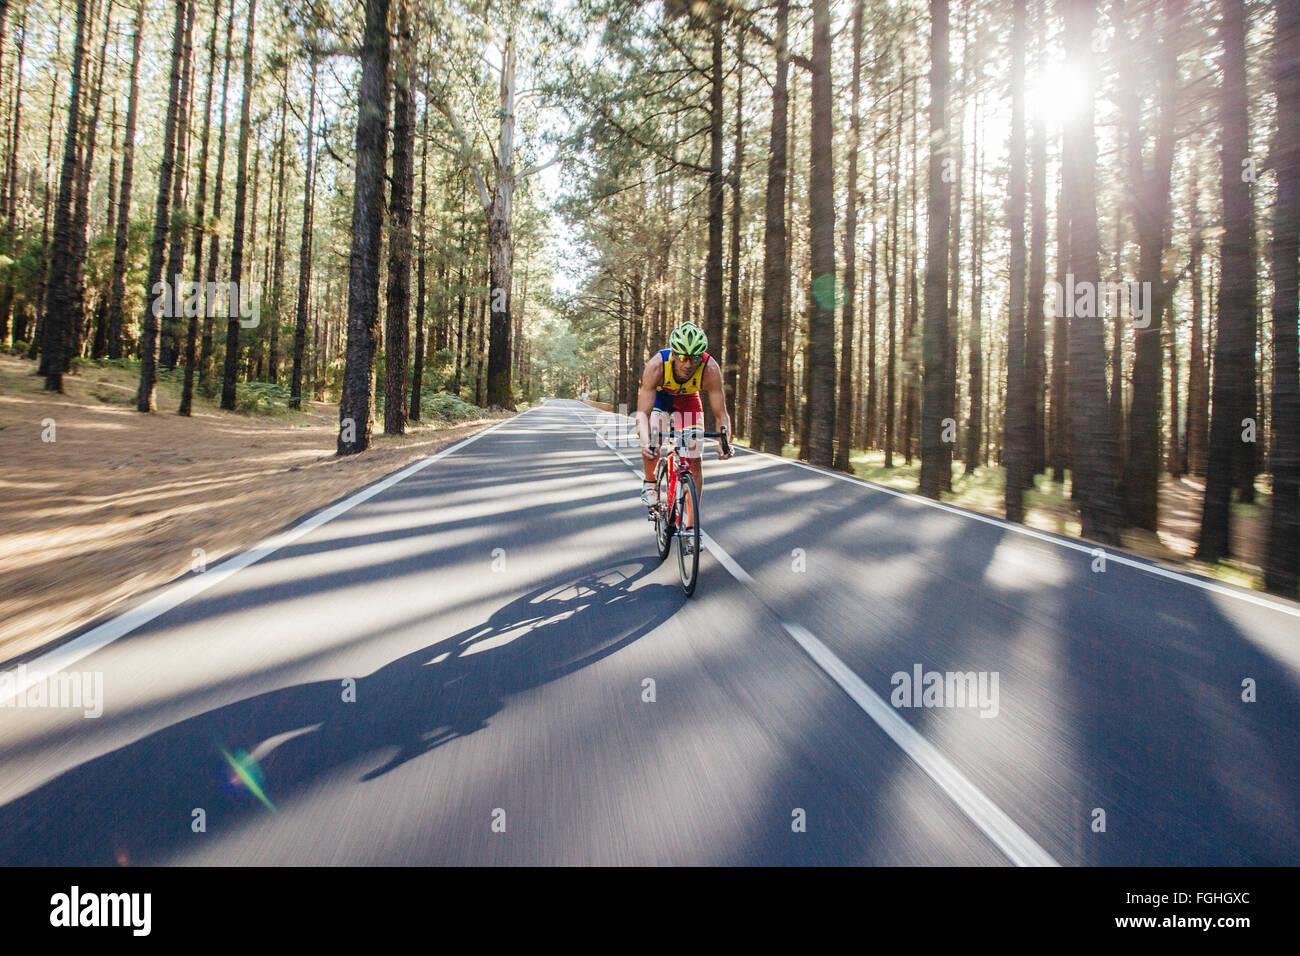 Un ciclista scorre la sua bici su strada attraverso una profonda foresta di alberi di pino Immagini Stock